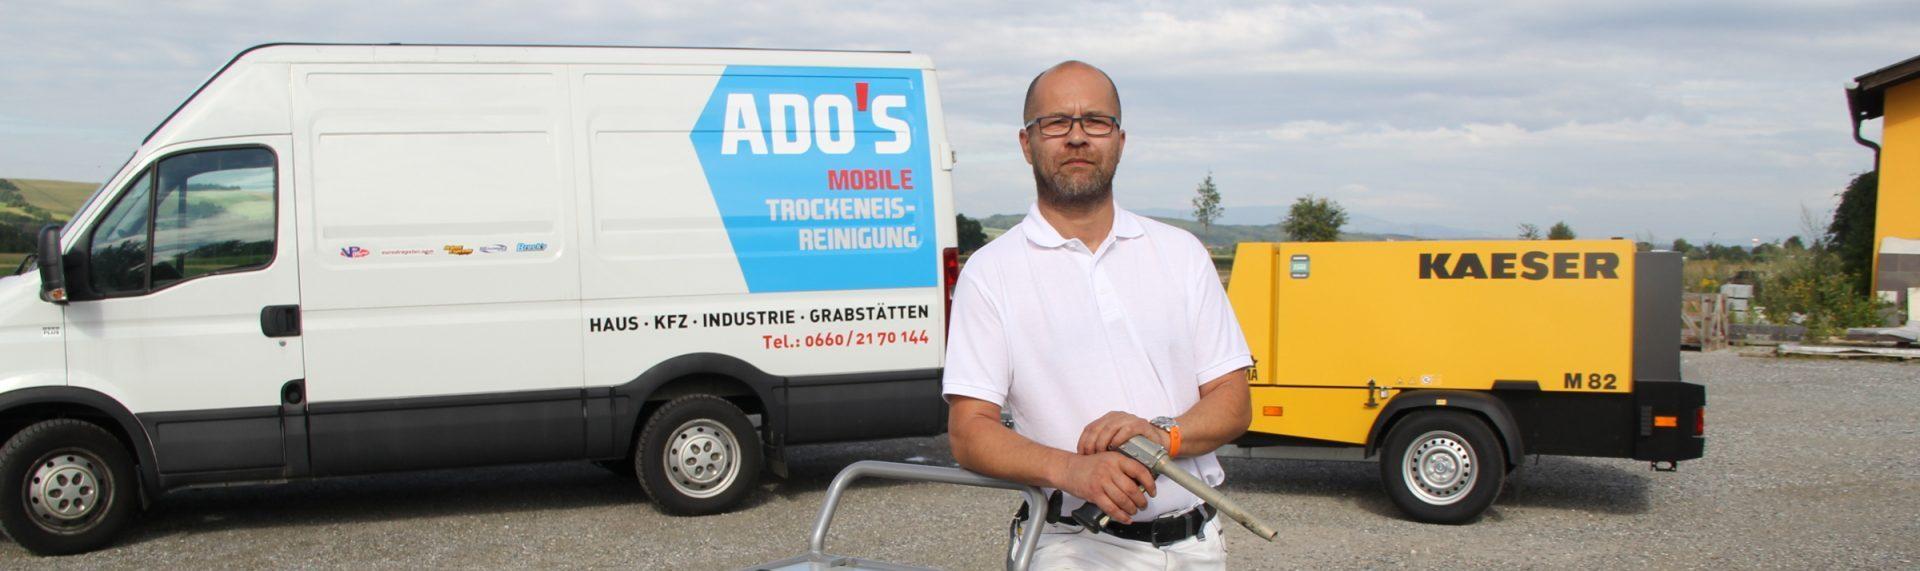 """Willkommen bei """"Ado's mobile Trockeneisreinigung"""""""